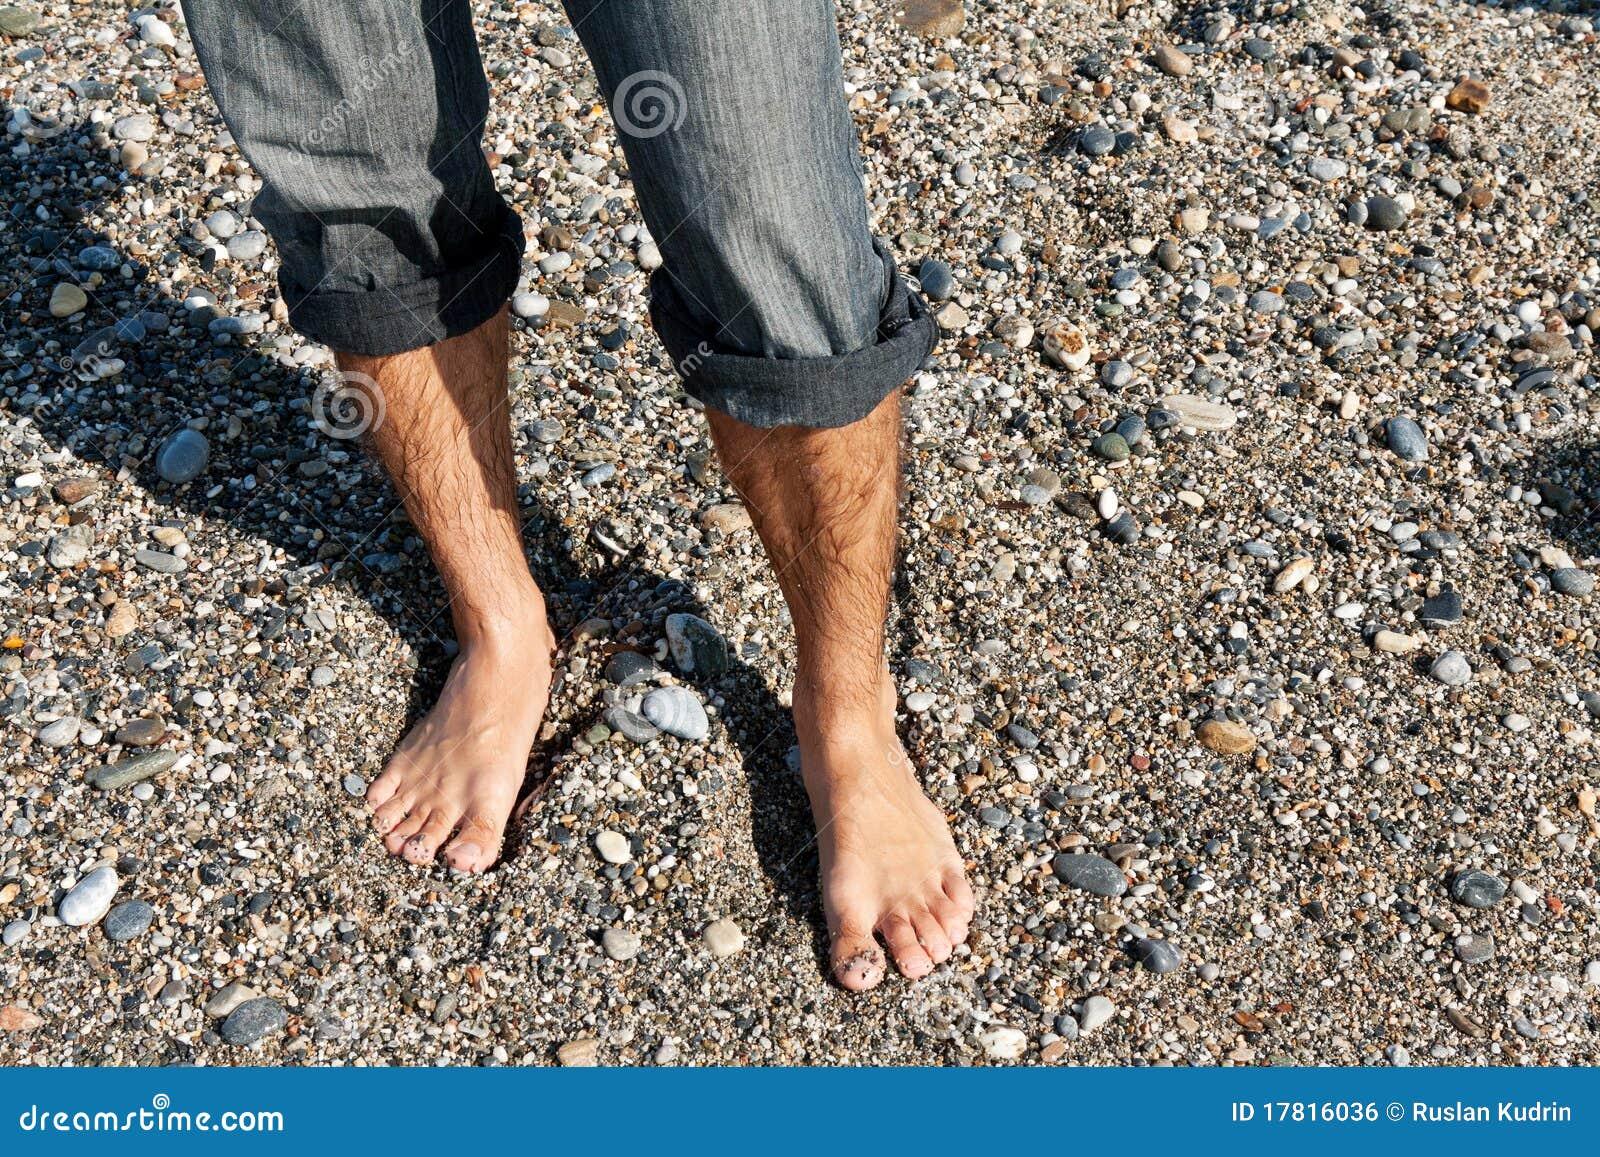 Los bellos pies de mi mujercita - 2 5